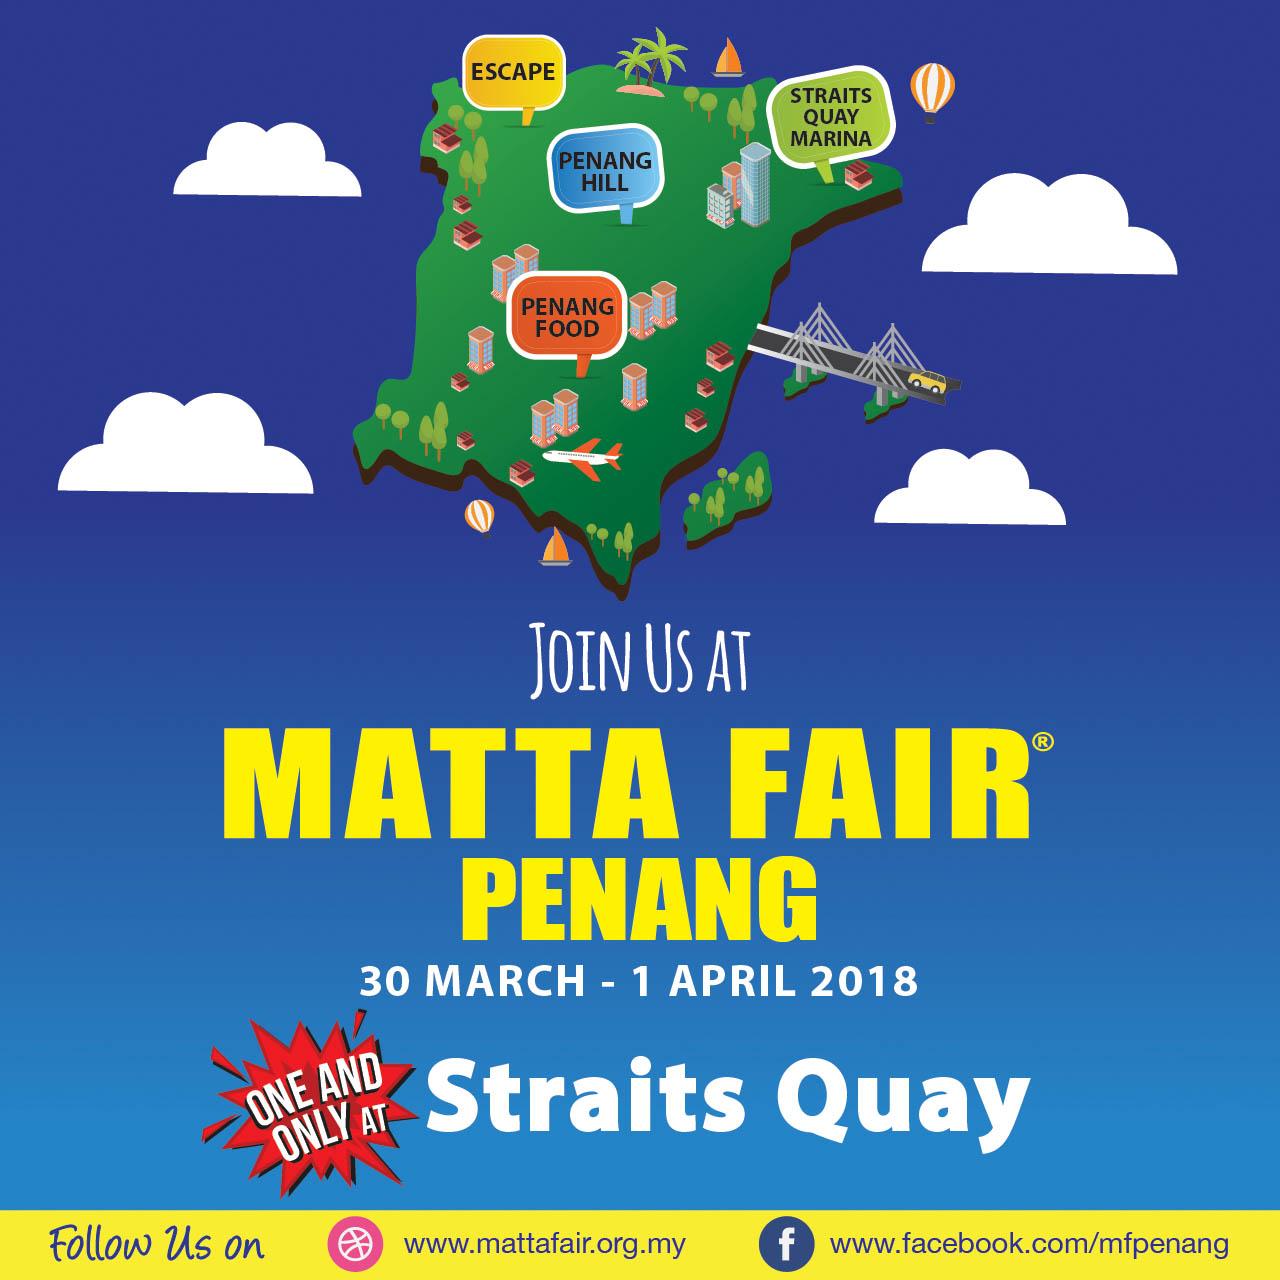 MATTA Fair Penang 2018